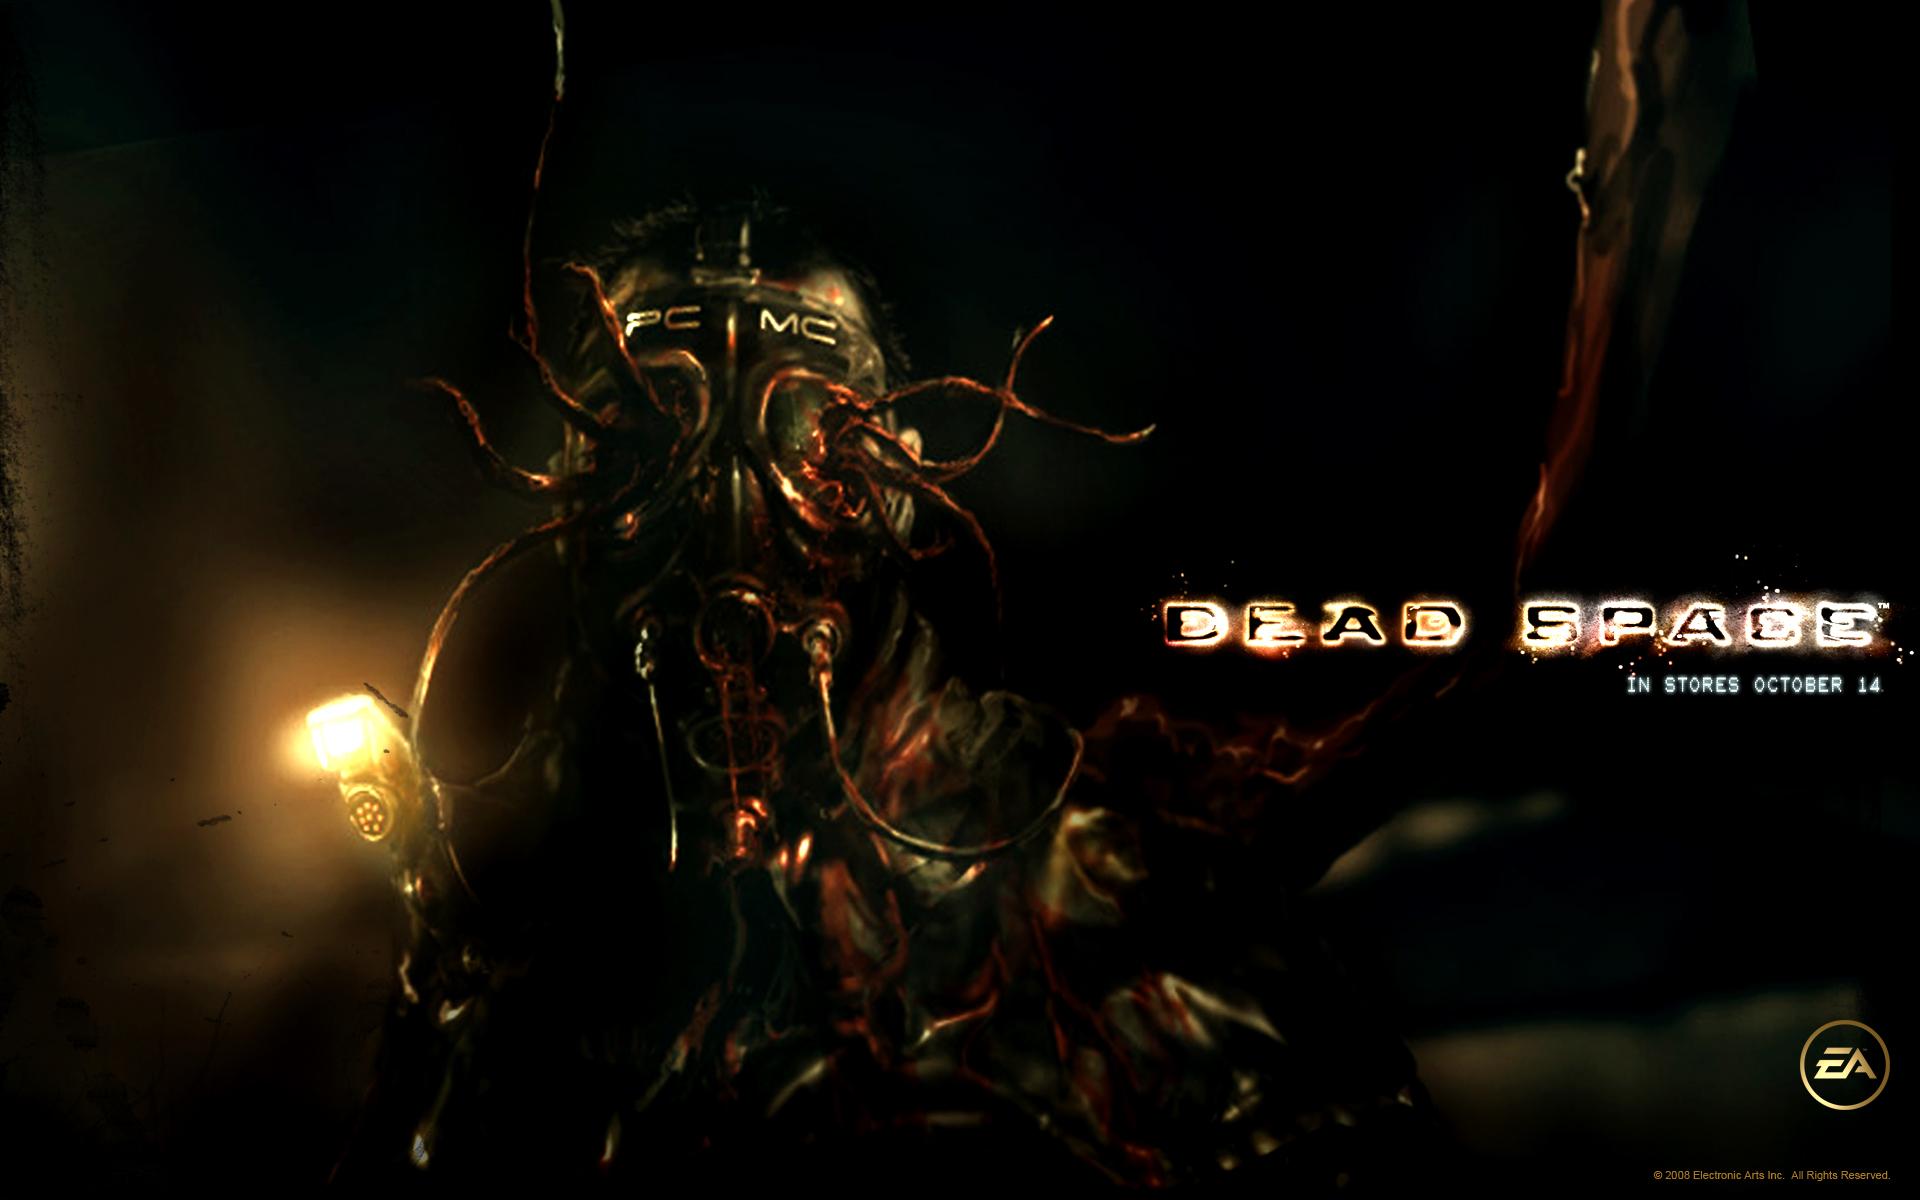 Dead space hd wallpaper - Dead space 1 wallpaper hd ...